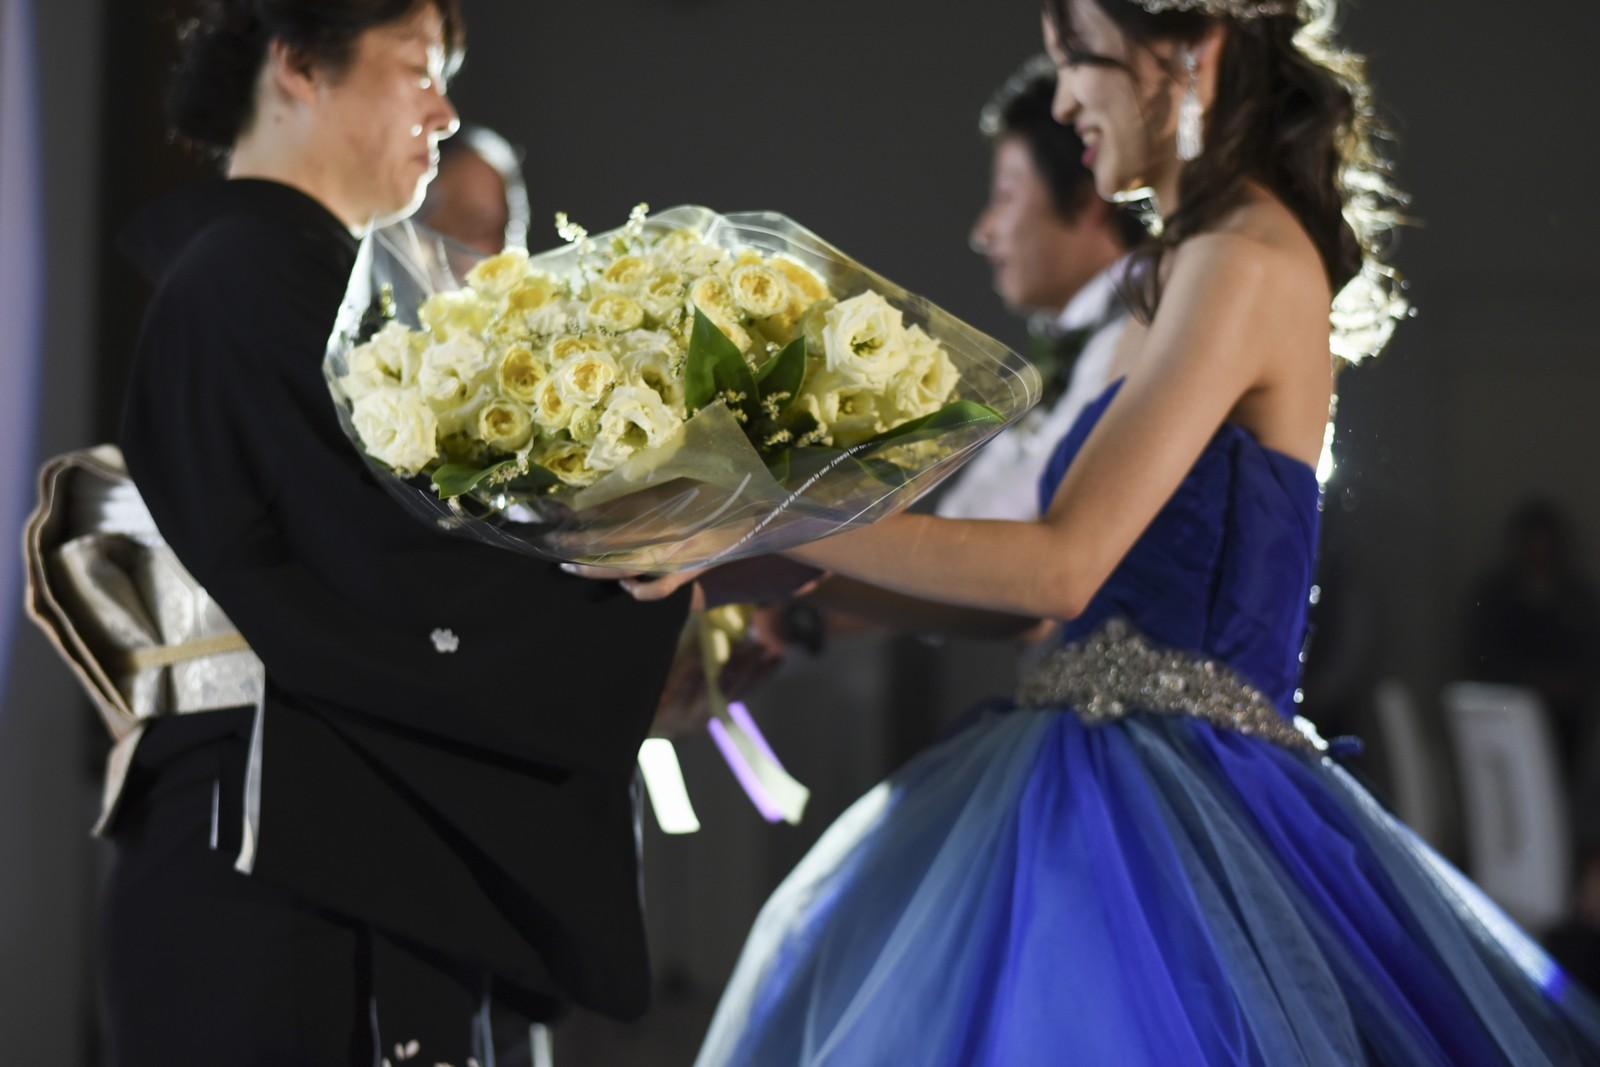 香川県の結婚式場アイスタイルで感謝の気持ちを込めて両親に花束贈呈